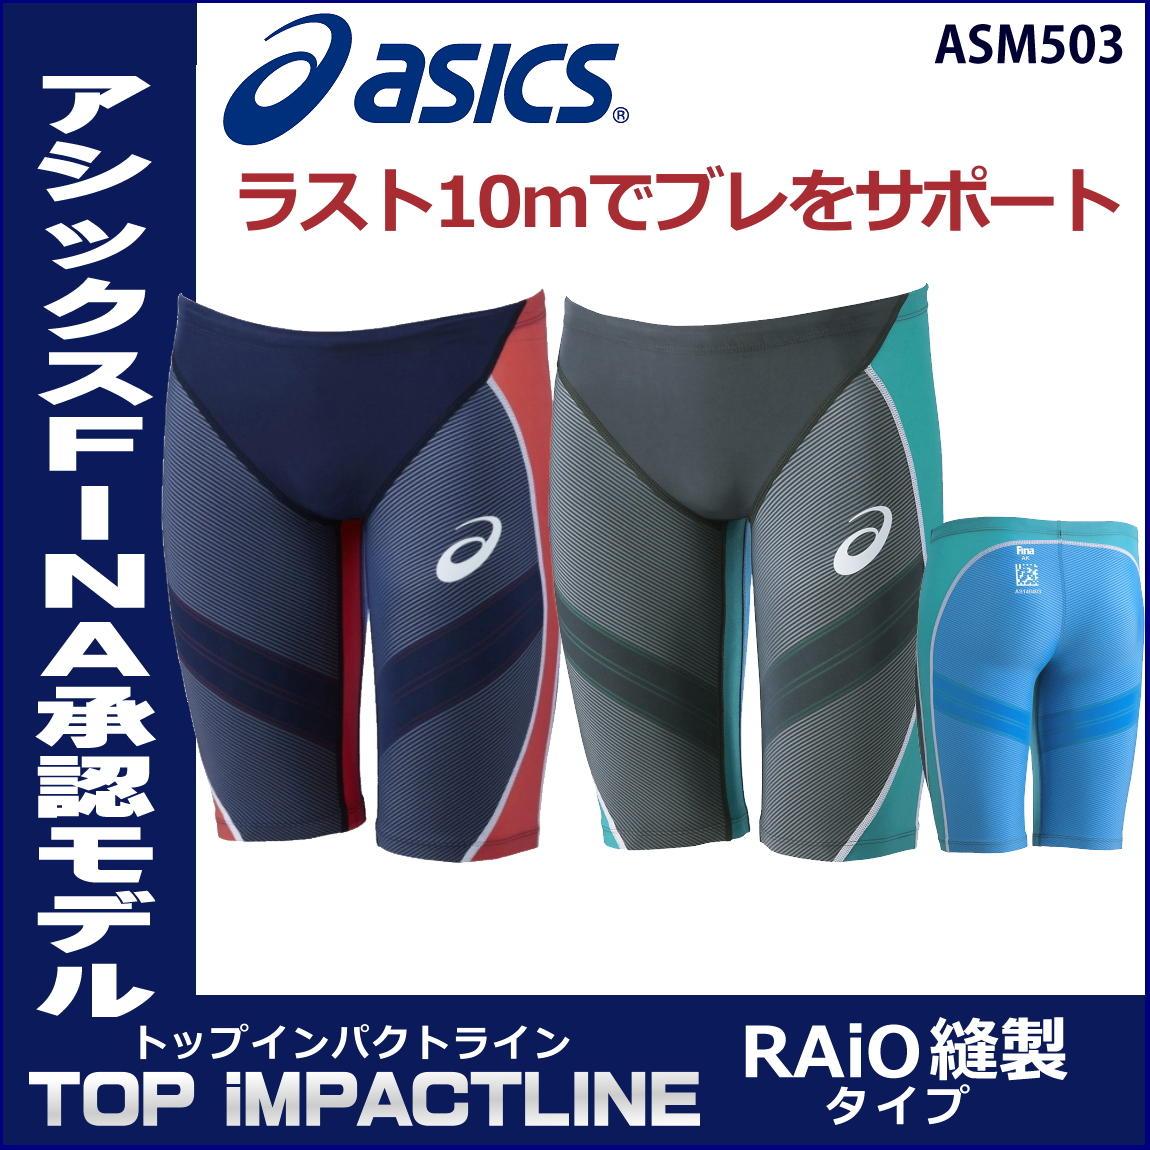 【送料無料】【ポイント10倍】asics アシックス 競泳水着 メンズ スイムウェア スイミング TOP iMPACT LINE RAiO縫製タイプ スパッツ fina承認 専用フィッテンググローブ付き ASM503